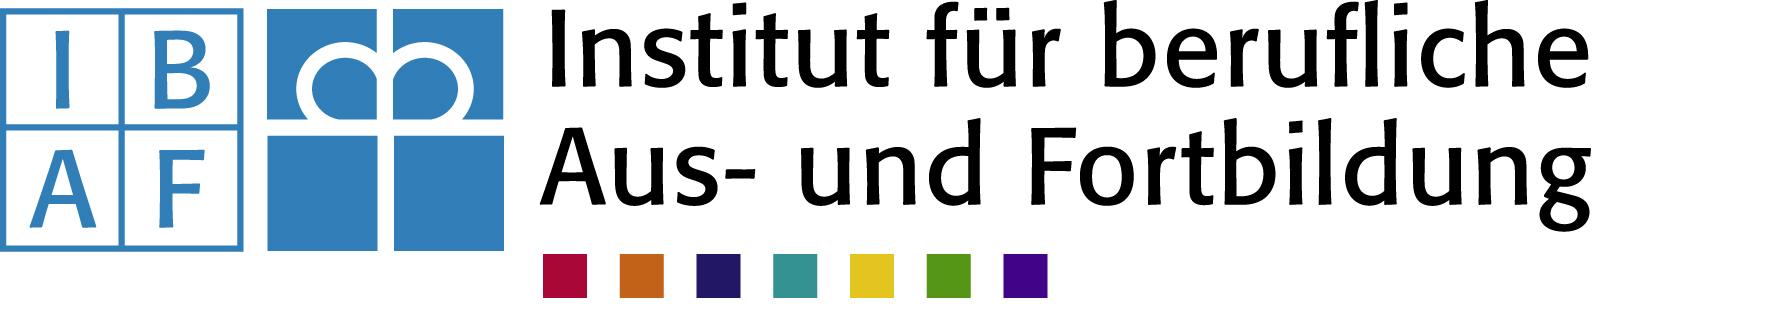 Logo_IBAF_2008_quer_ farbig